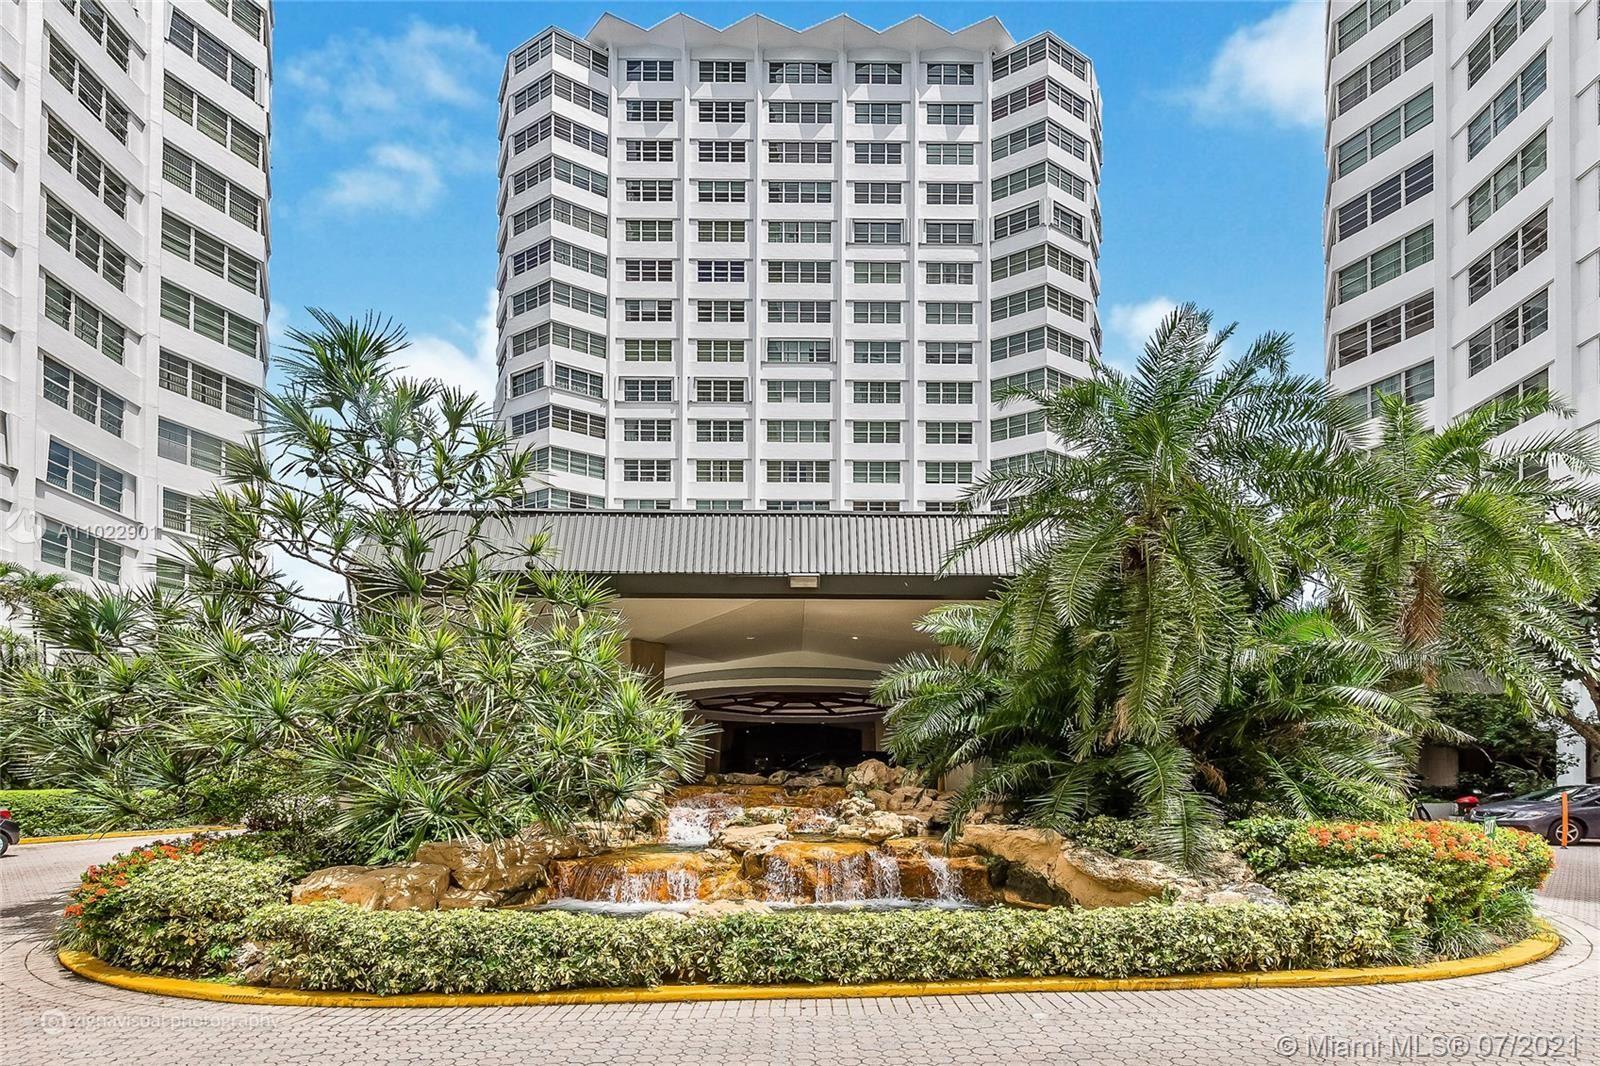 905 Brickell Bay Dr #1423, Miami, FL 33131 - #: A11022901